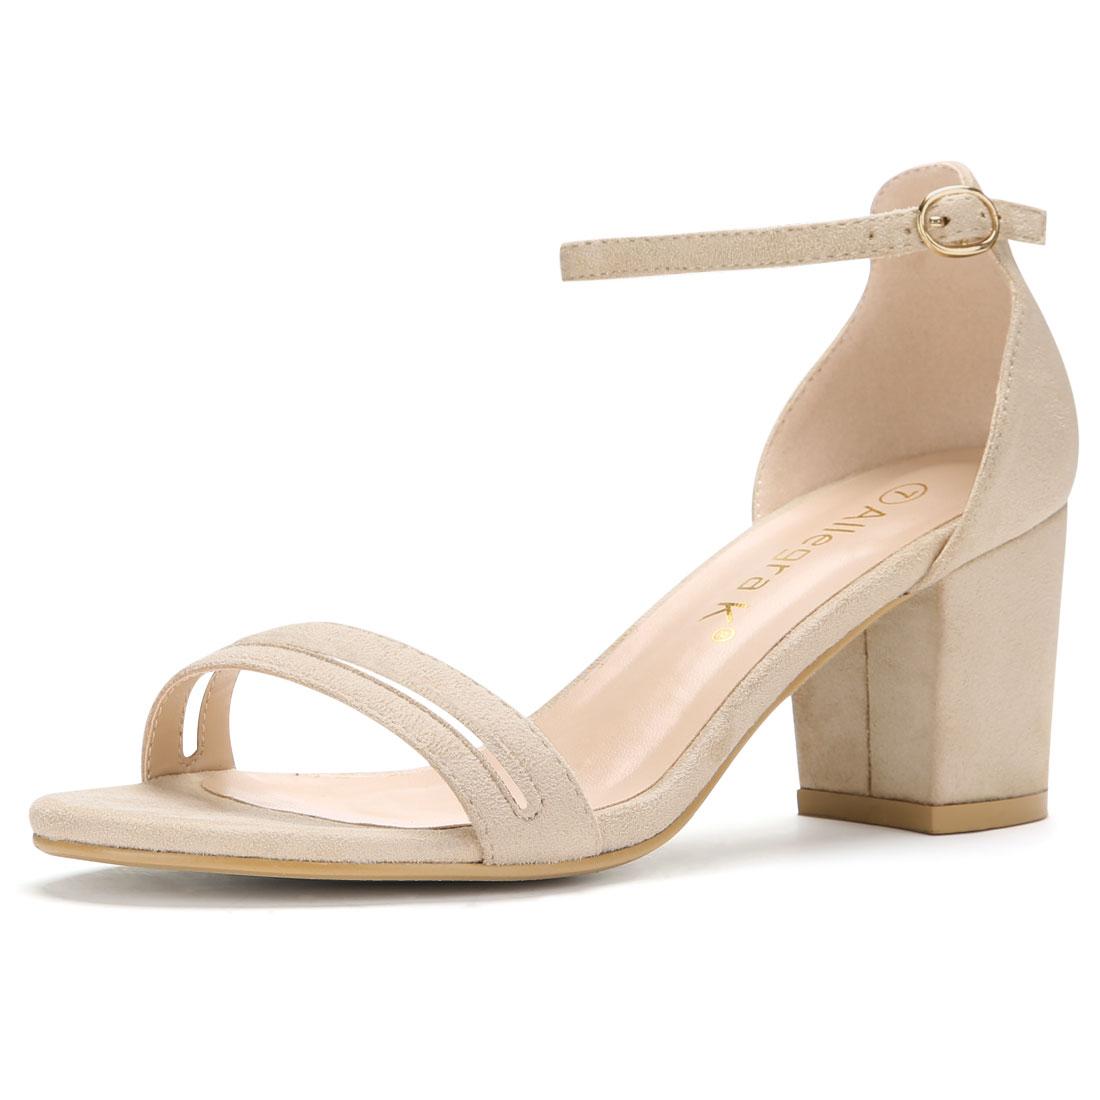 Women Open Toe Mid Chunky Heel Ankle Strap Sandals Beige US 10